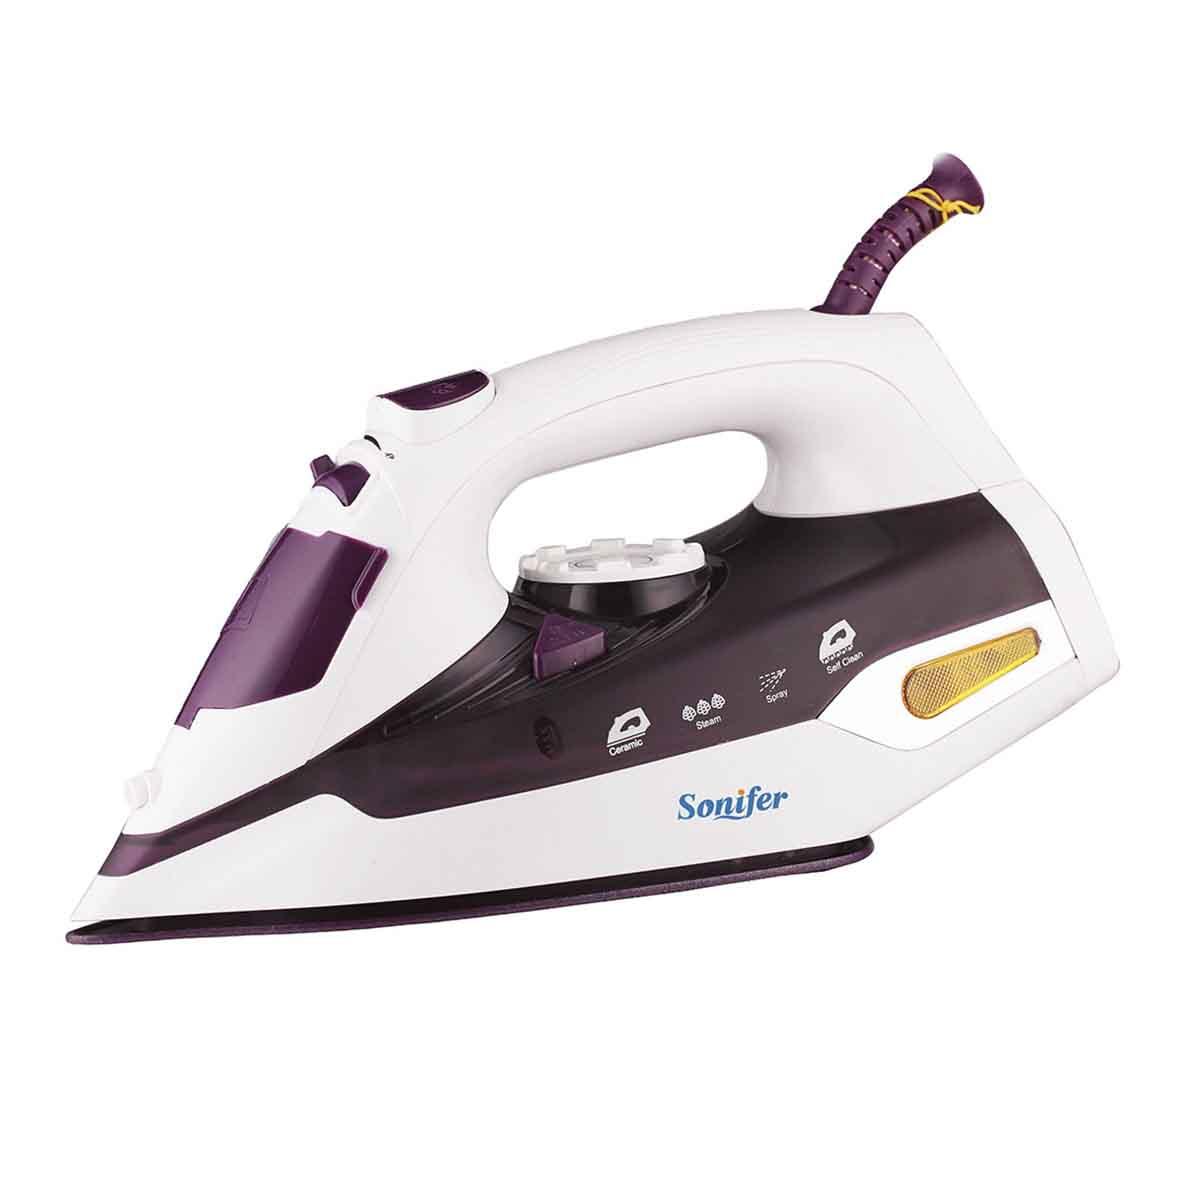 SONIFER Пурпурный Стандарт ЕС braun ts765a бытовой паровой электрический утюг